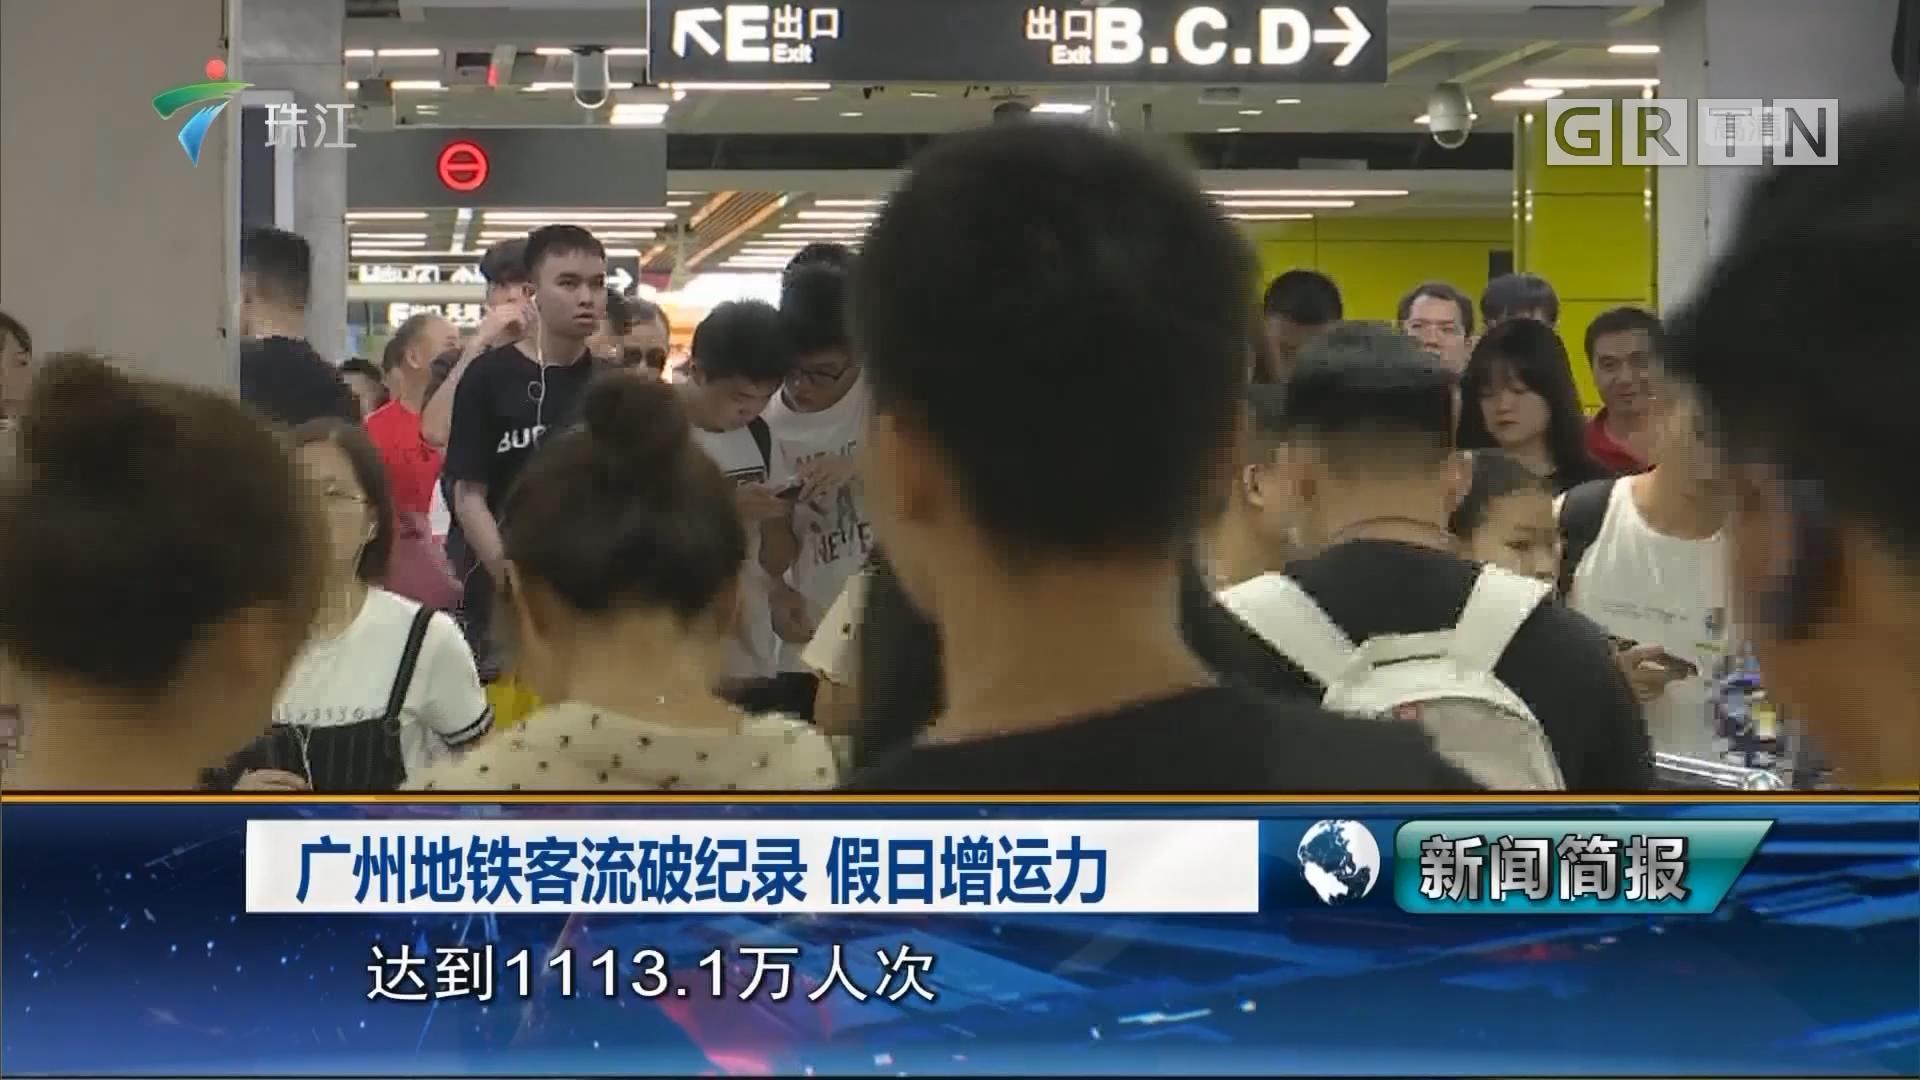 广州地铁客流破纪录 假日增运力